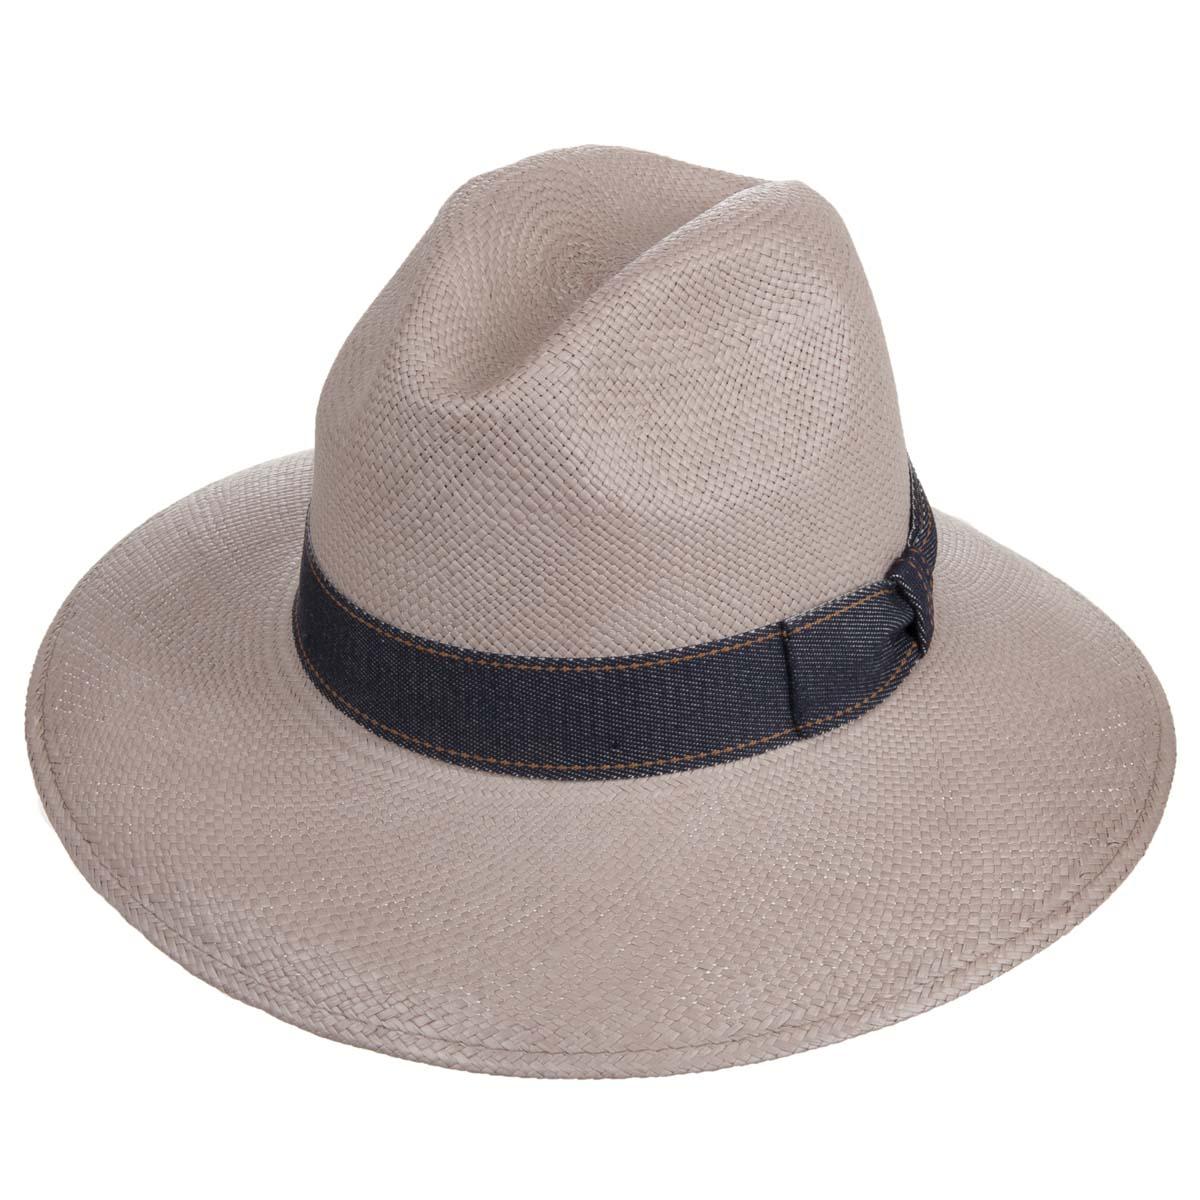 Cappello panama da donna a tesa larga, morbido